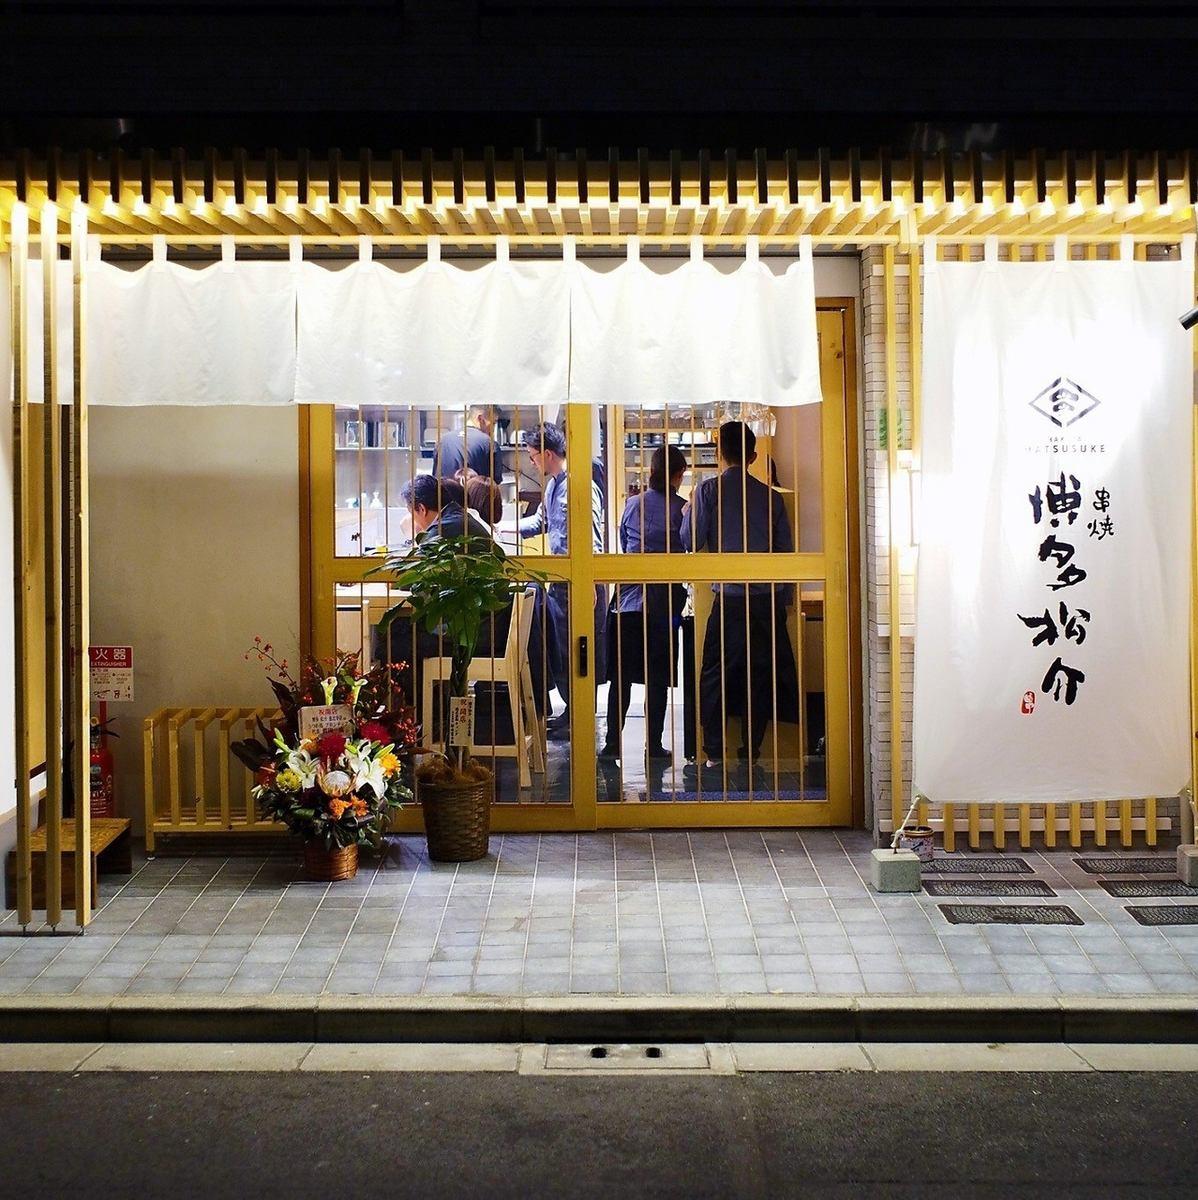 10/5オープン★博多で5店舗展開する人気の「博多松介」がついに東京初上陸!!!